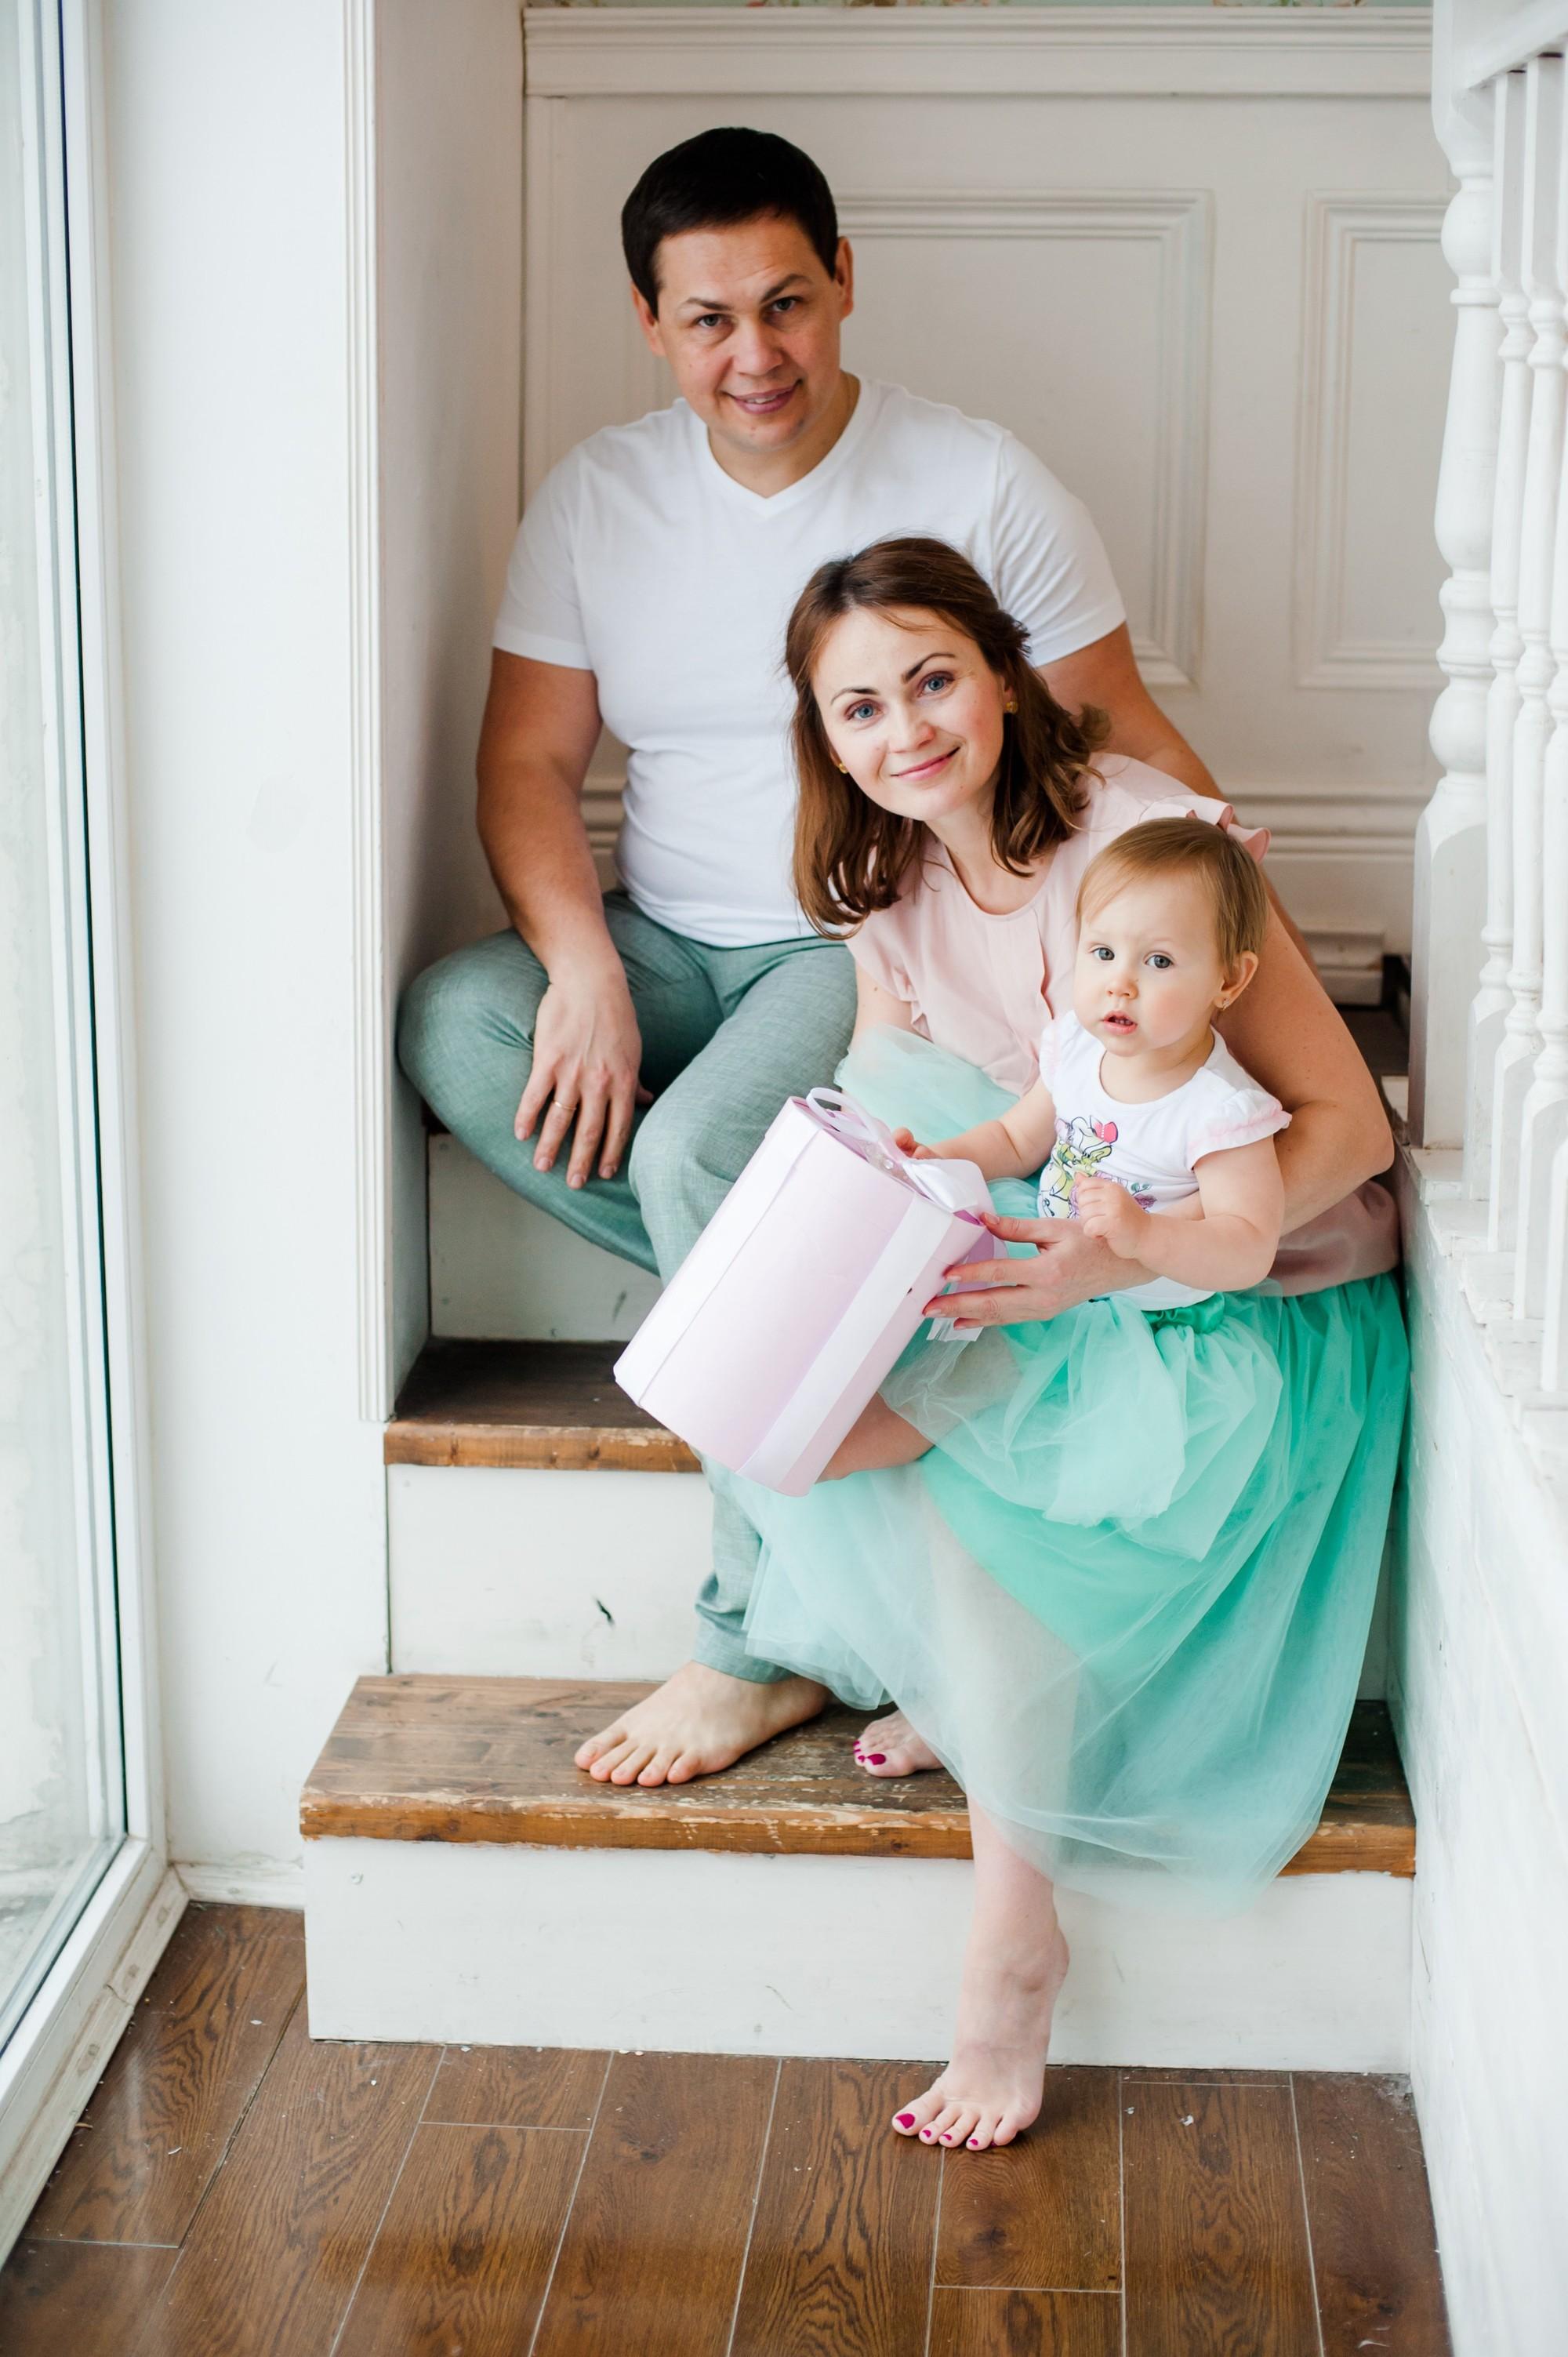 Евгения и ее семья, новогодняя фотосессия